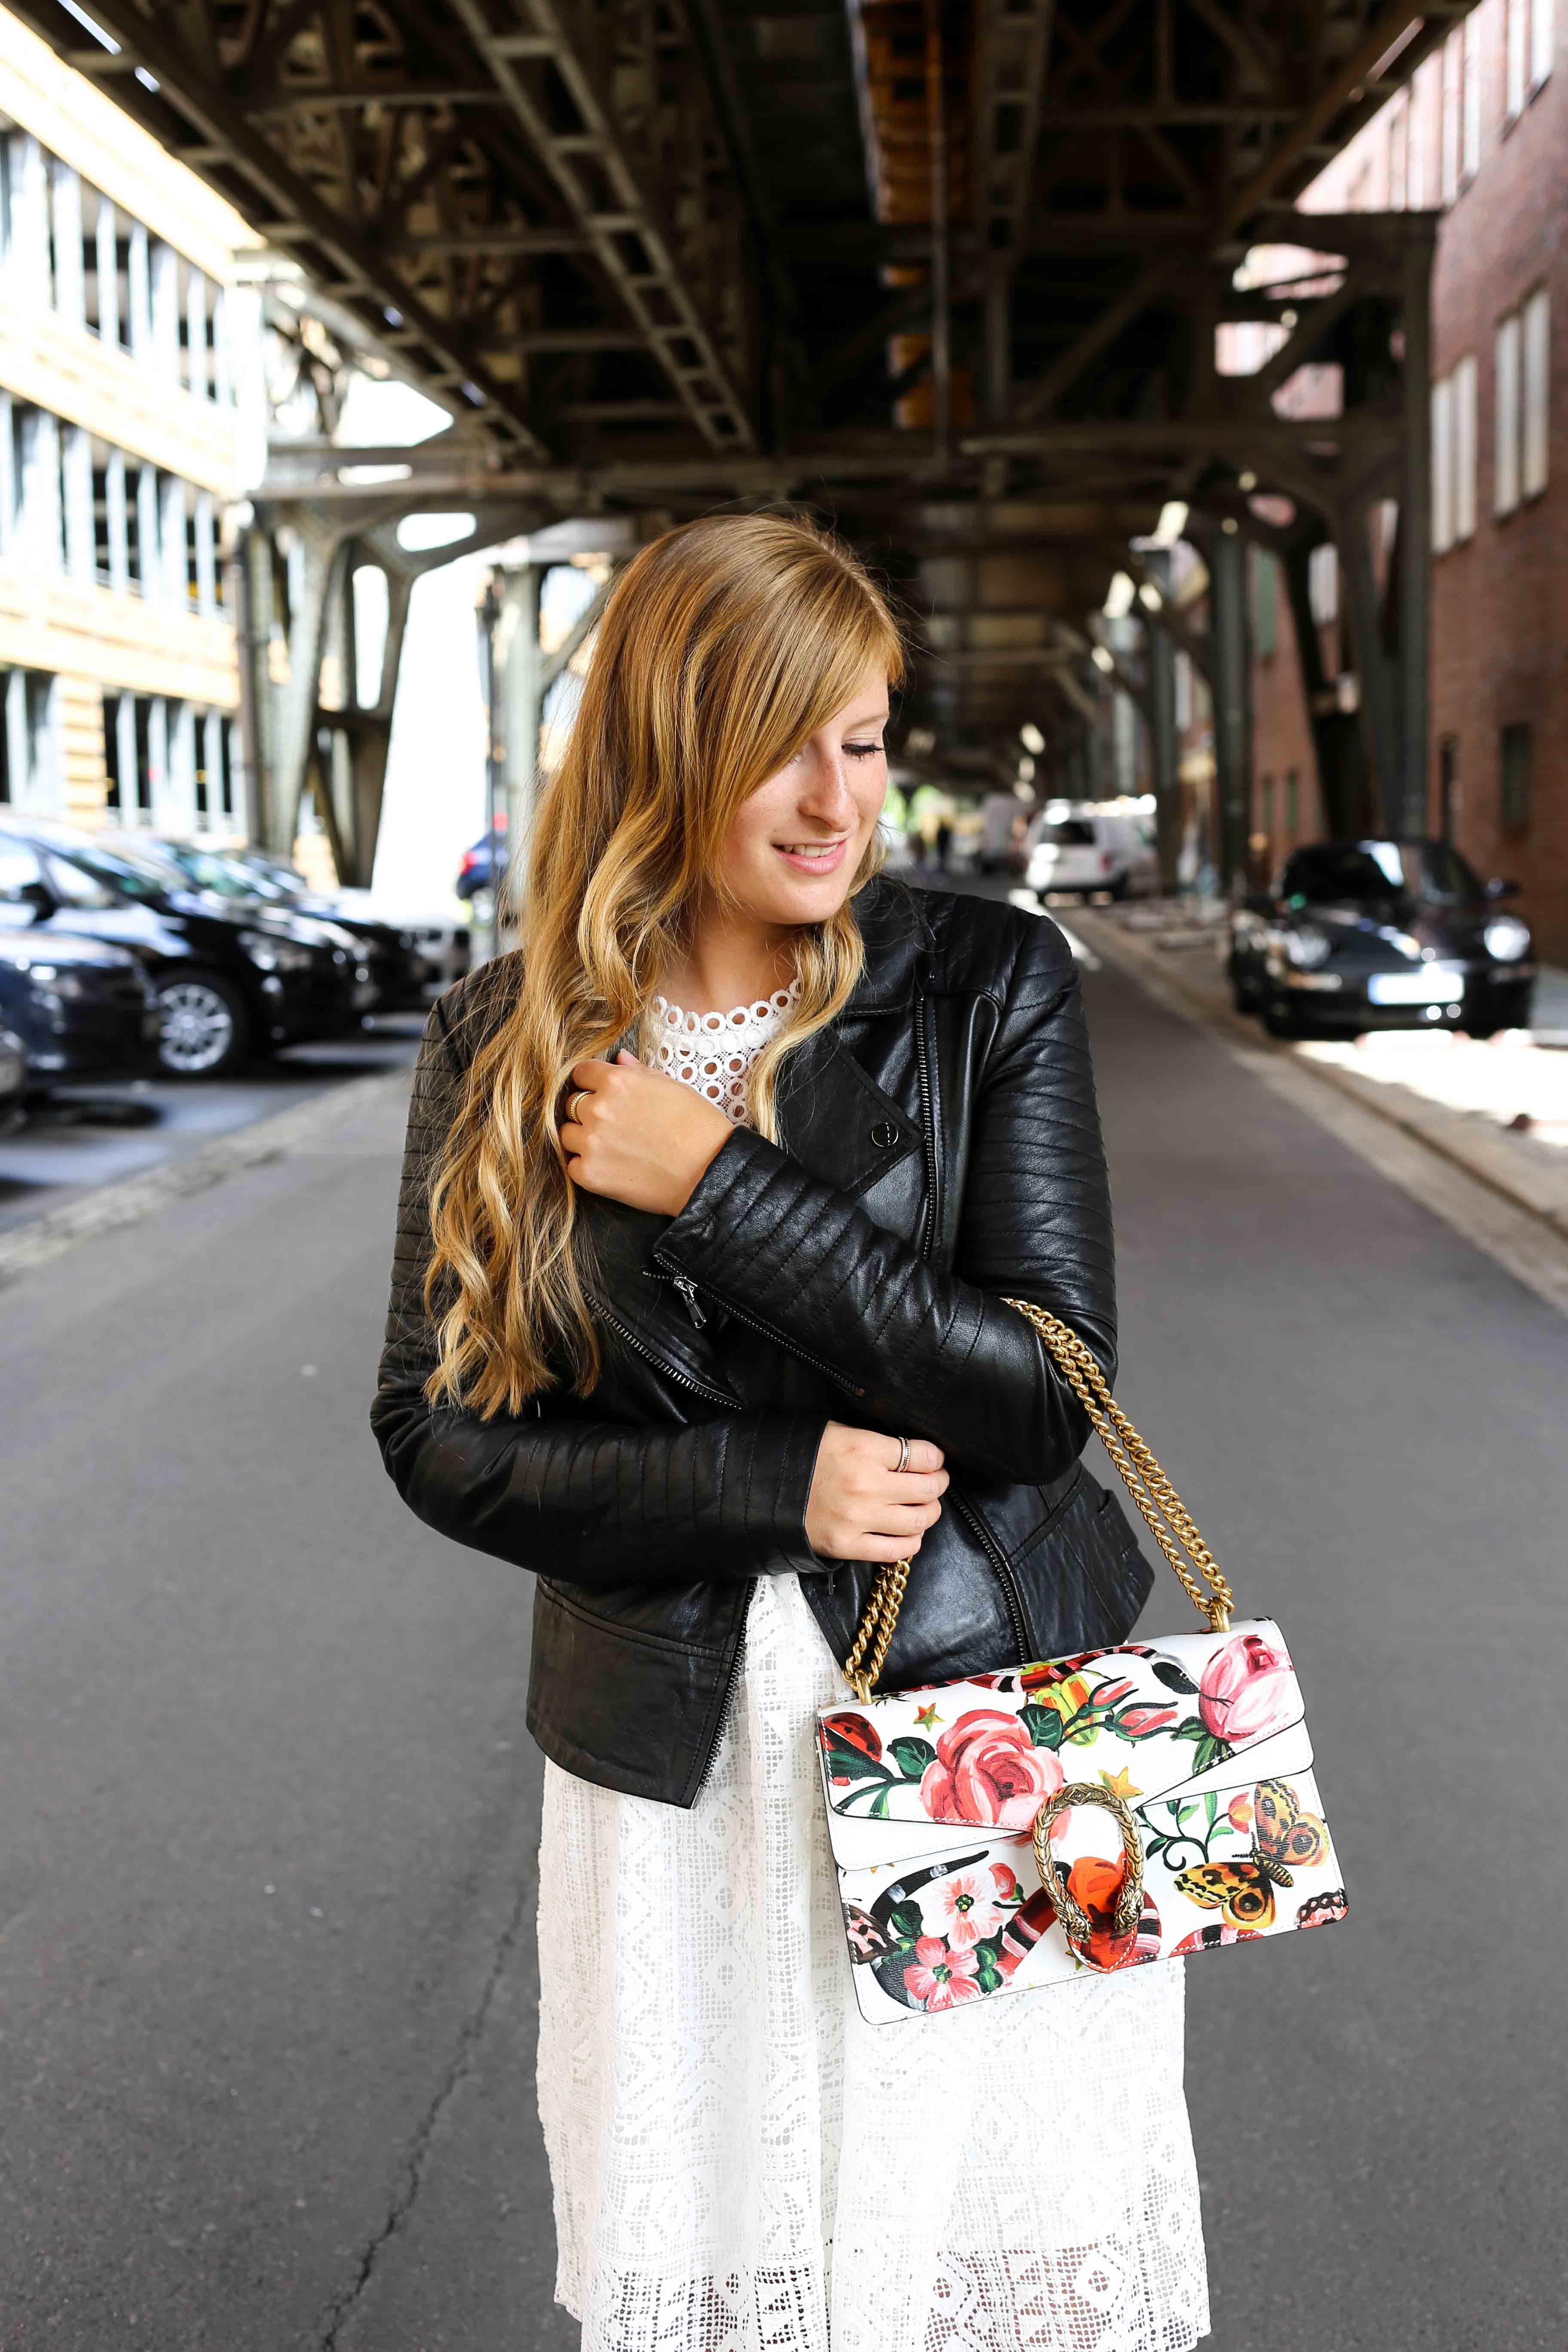 Fashion Week Outfit weißes Spitzenkleid Asos flache Ledersandalen mit Federn kombinieren Lederjacke Modeblog Deutschland Fashion Blogger OOTD Gucci Dionysus 4